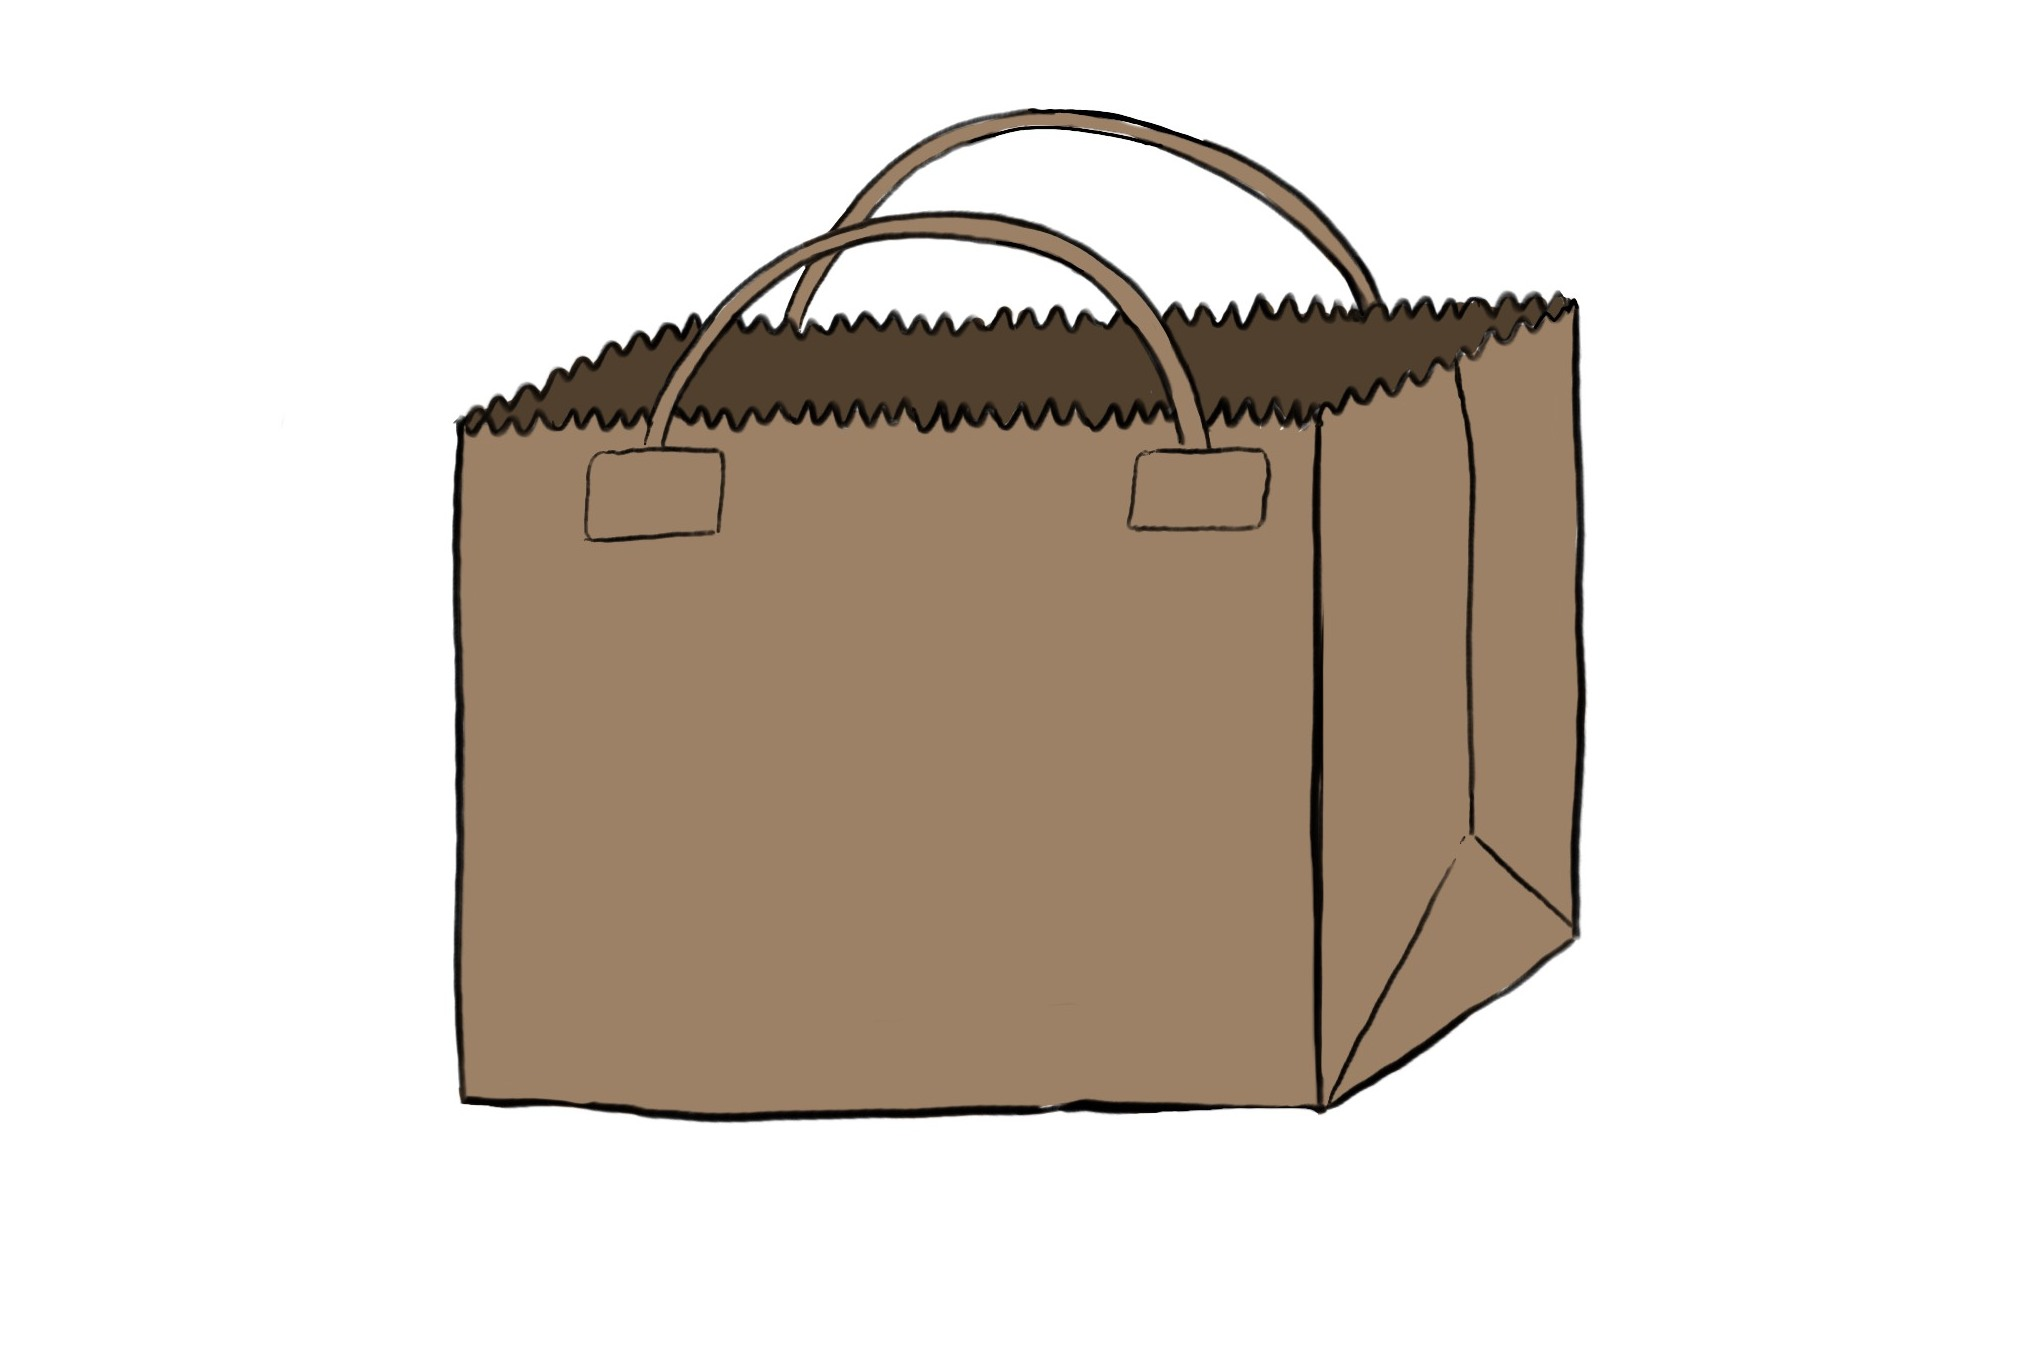 Illustration of a brown paper bag